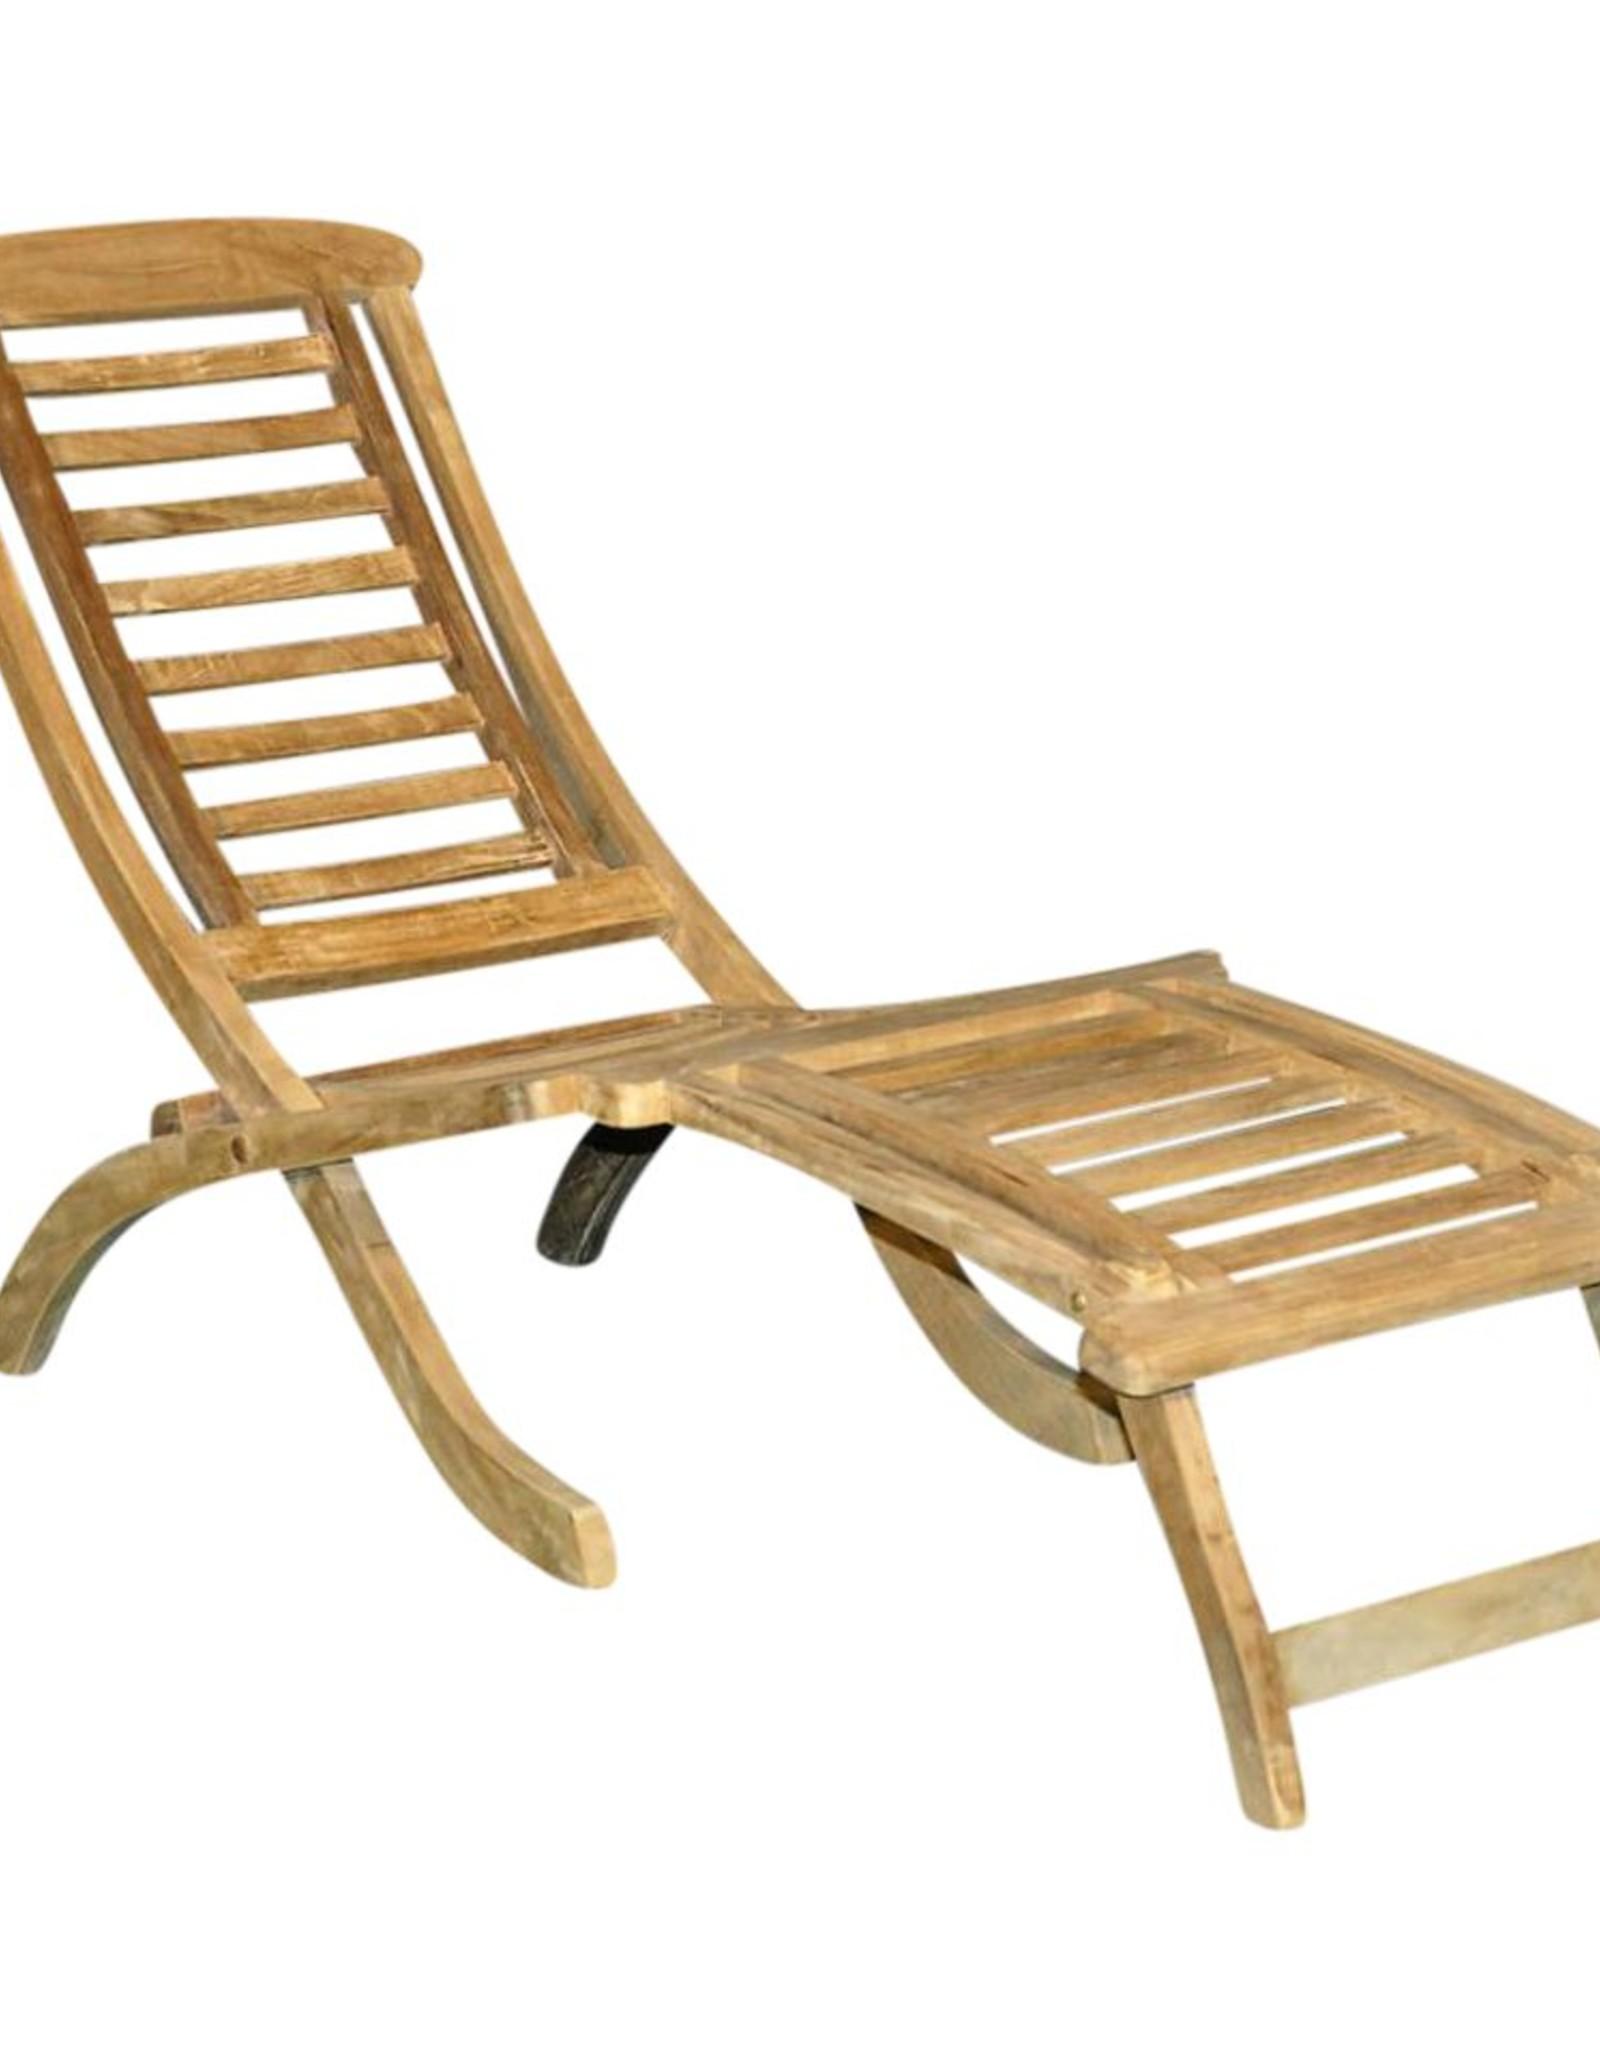 Chaise longue (GFC 033 301)